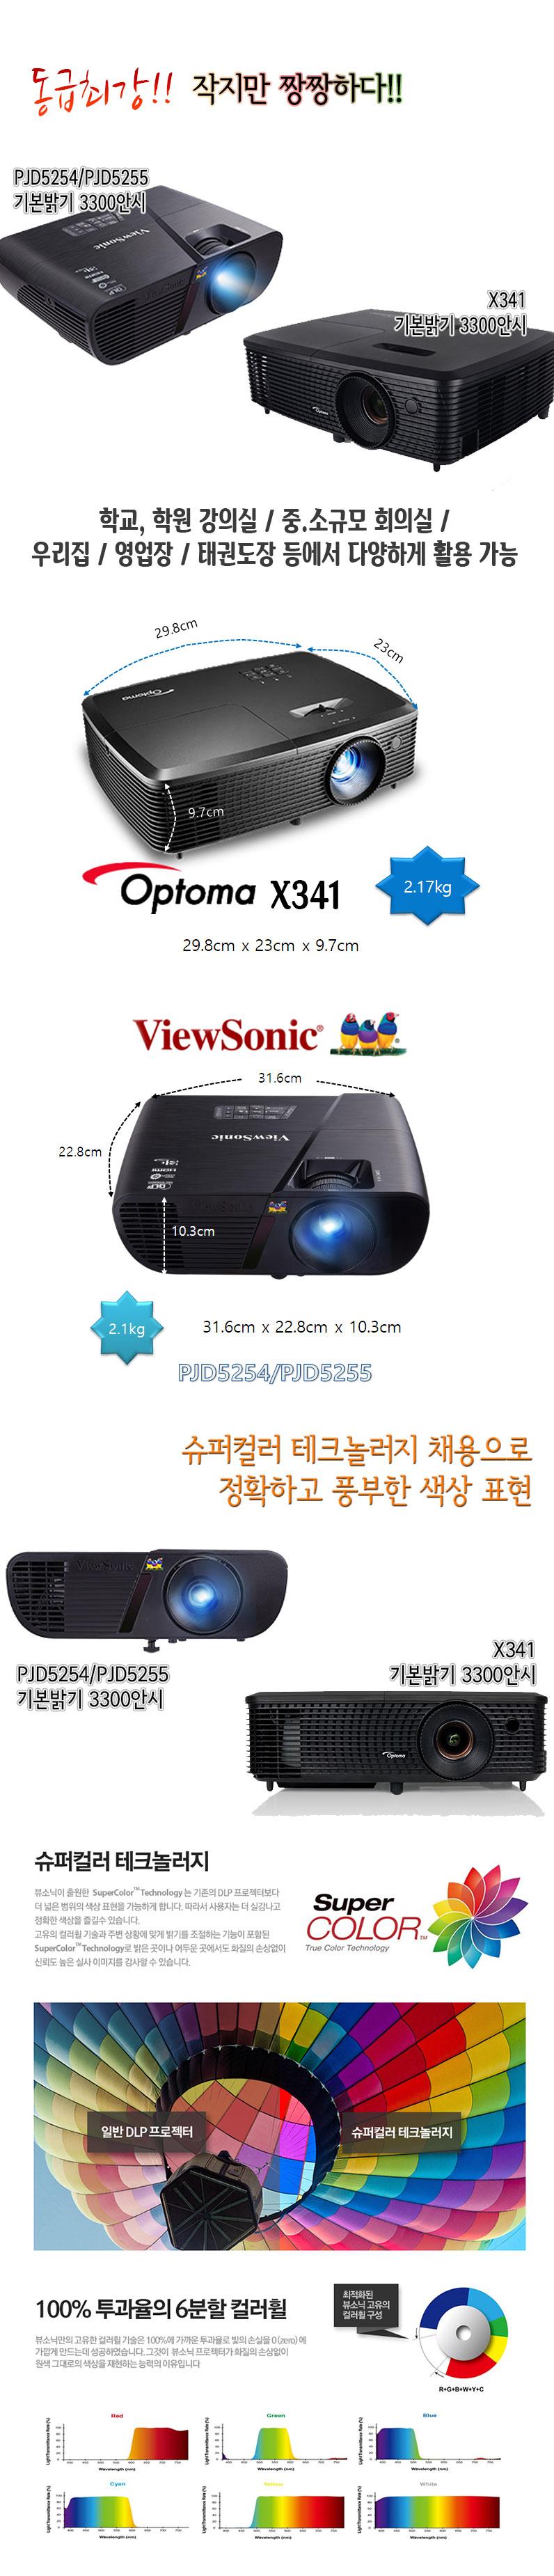 뷰소닉 pjd5254 기본3300안시